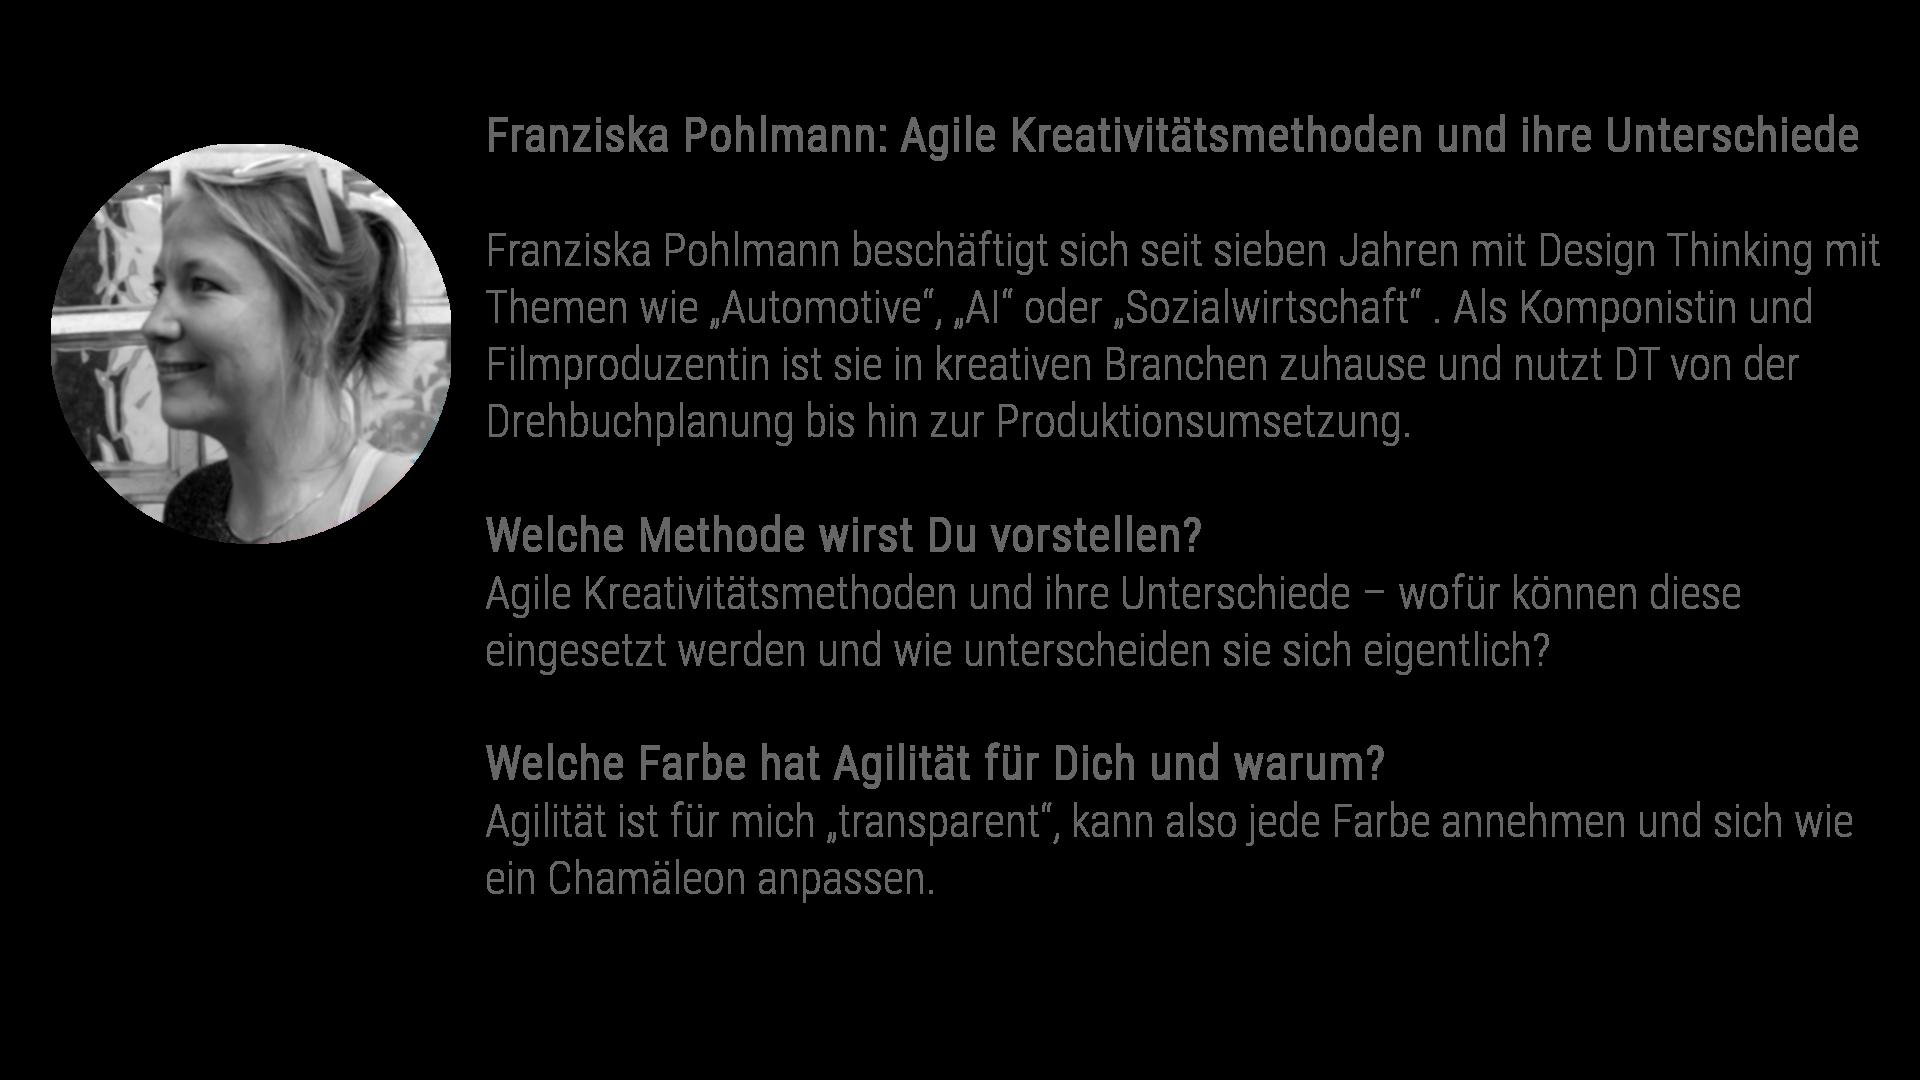 """Franziska Pohlmann beschäftigt sich seit sieben Jahren mit Design Thinking mit Themen wie """"Automotive"""", """"AI"""" oder """"Sozialwirtschaft"""" . Als Komponistin und Filmproduzentin ist sie in kreativen Branchen zuhause und nutzt DT von der Drehbuchplanung bis hin zur Produktionsumsetzung. Welche Methode wirst Du vorstellen? Agile Kreativitätsmethoden und ihre Unterschiede - wofür können diese eingesetzt werden und wie unterscheiden sie sich eigentlich? Welche Farbe hat Agilität für dich? Agiltität ist für mich """"transparent"""", kann also jede Farbe annehmen und sich wie ein Chamäleon anpassen. Mit Playmobil, Poker, Perspektiven und Prototyping die moderne Agile-Toolbox befüllen Bauen Sie auf spielerische Weise Ihr kreatives Mindset aus und lernen dabei die 4 Prinzipien von """"Modern Agile"""" kennen."""